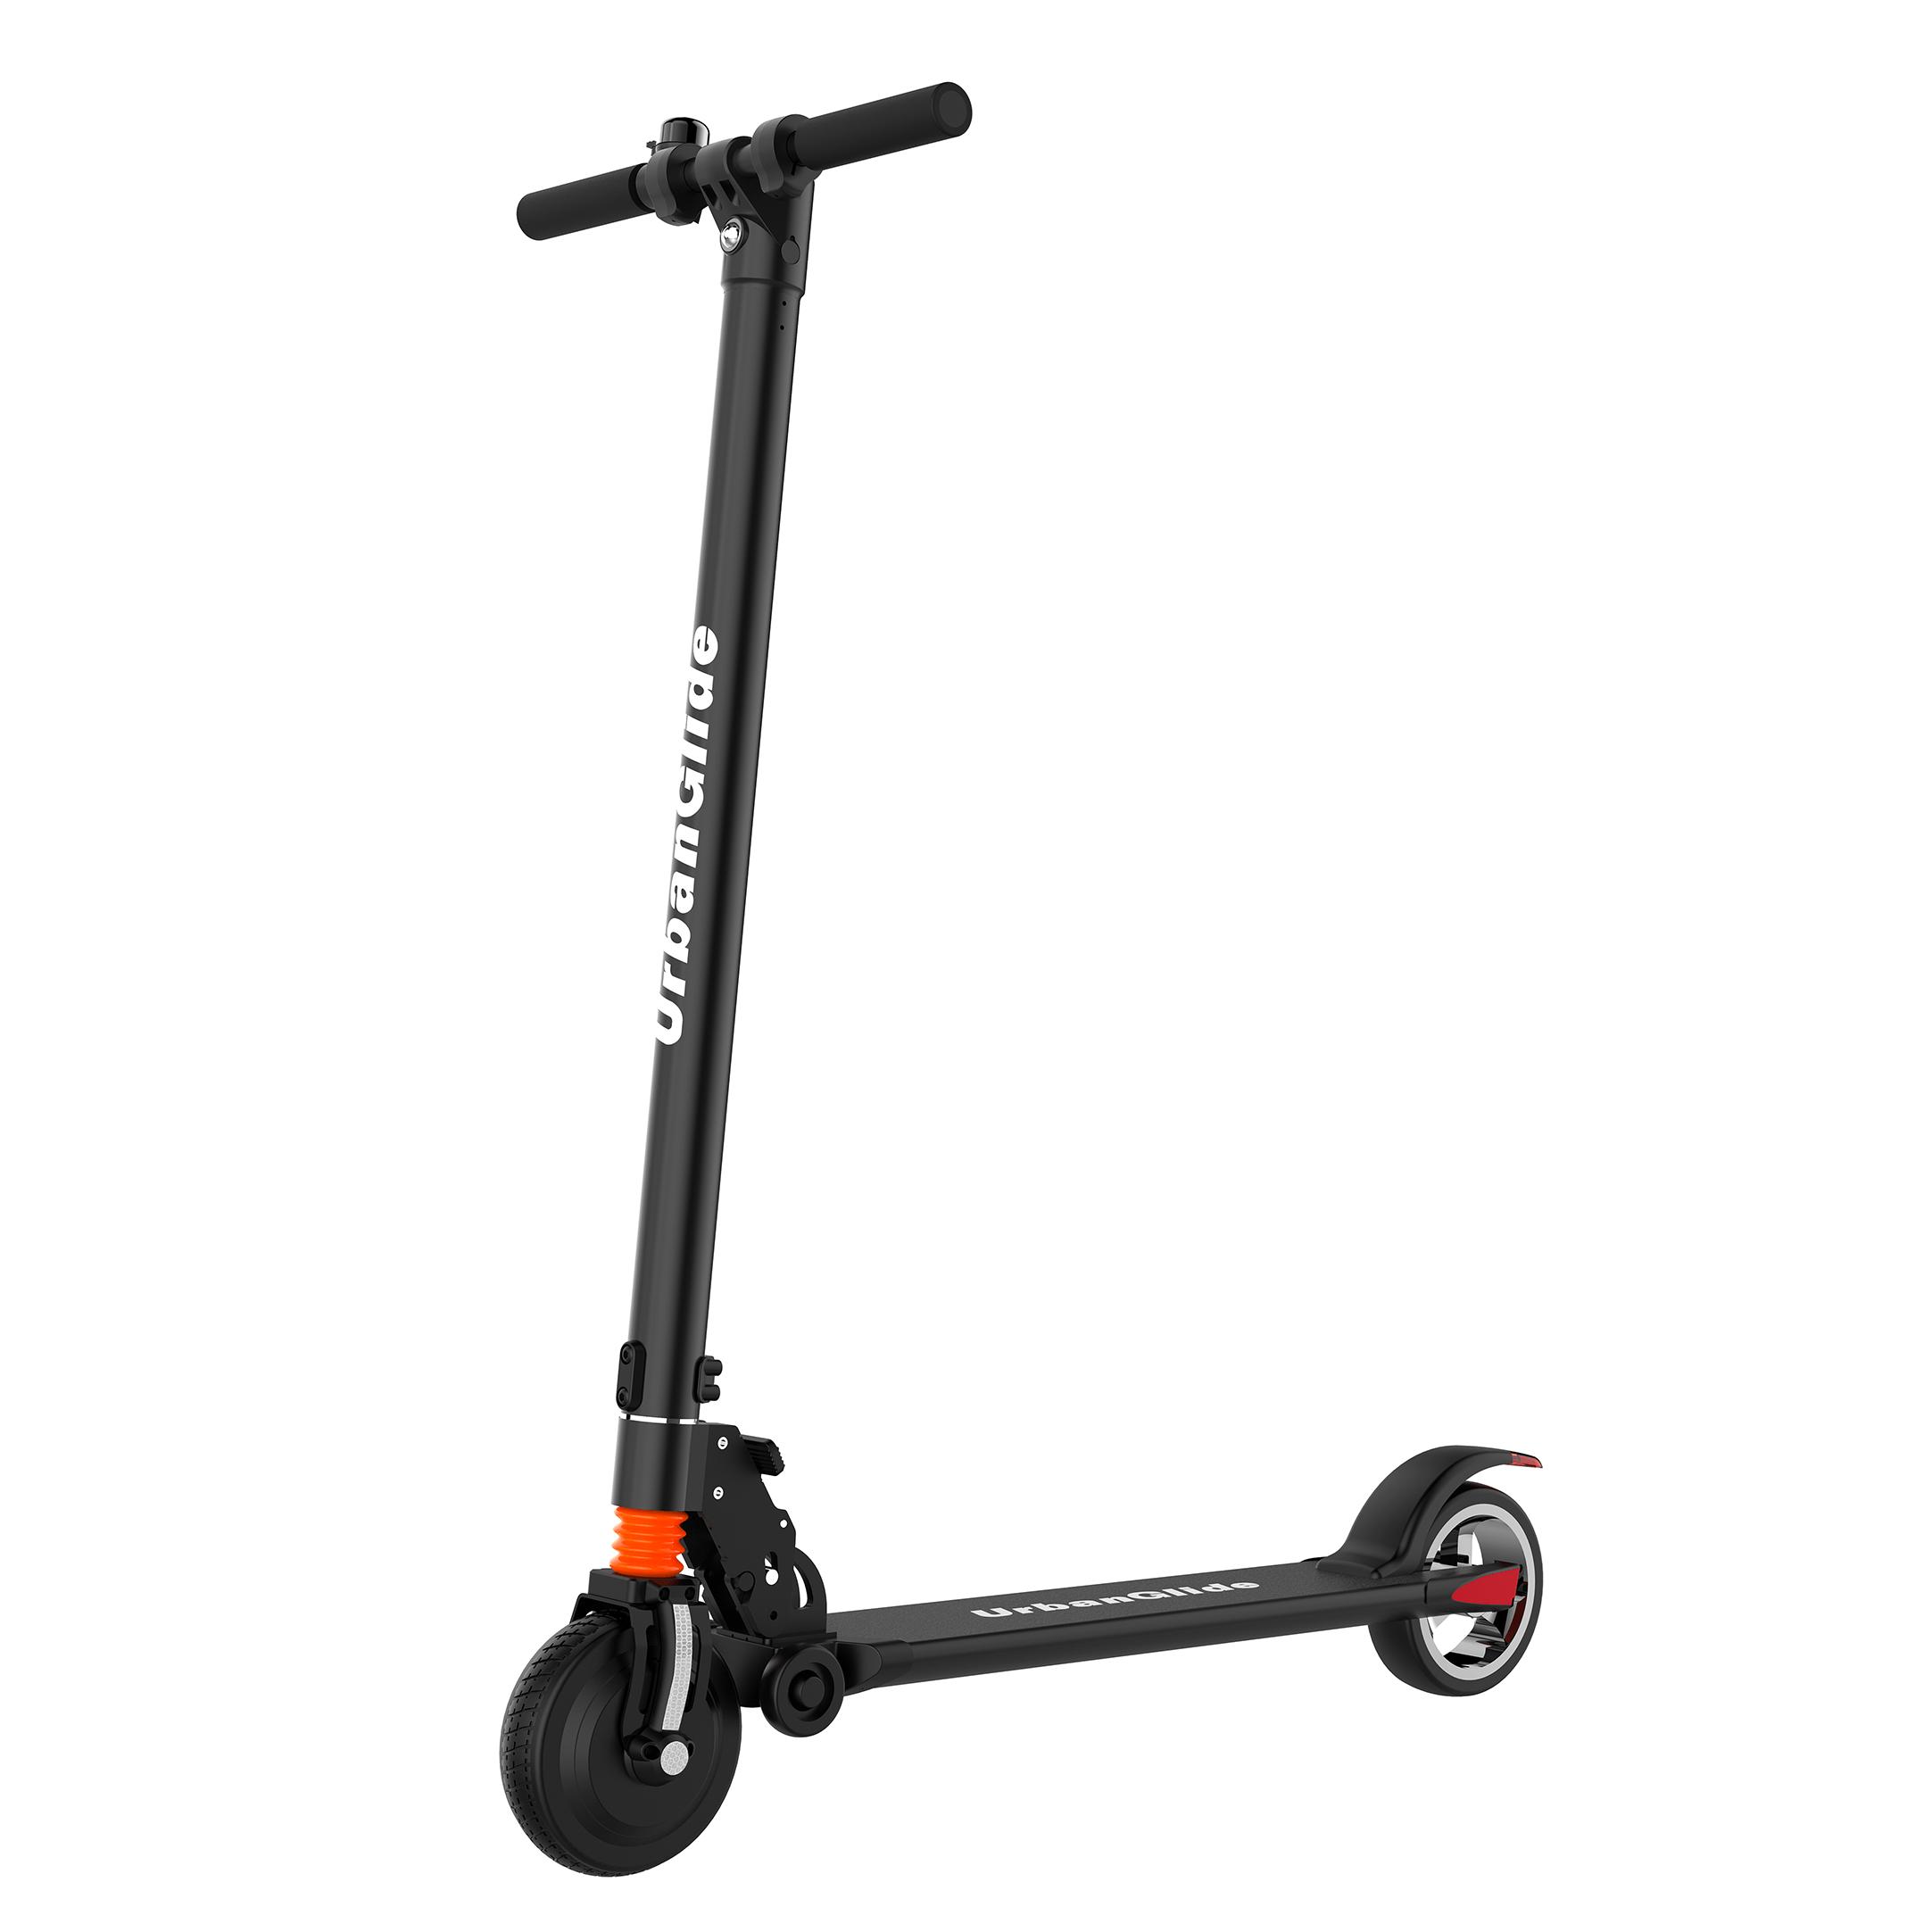 Trottinette électrique pliable Ride-62S UrbanGlide